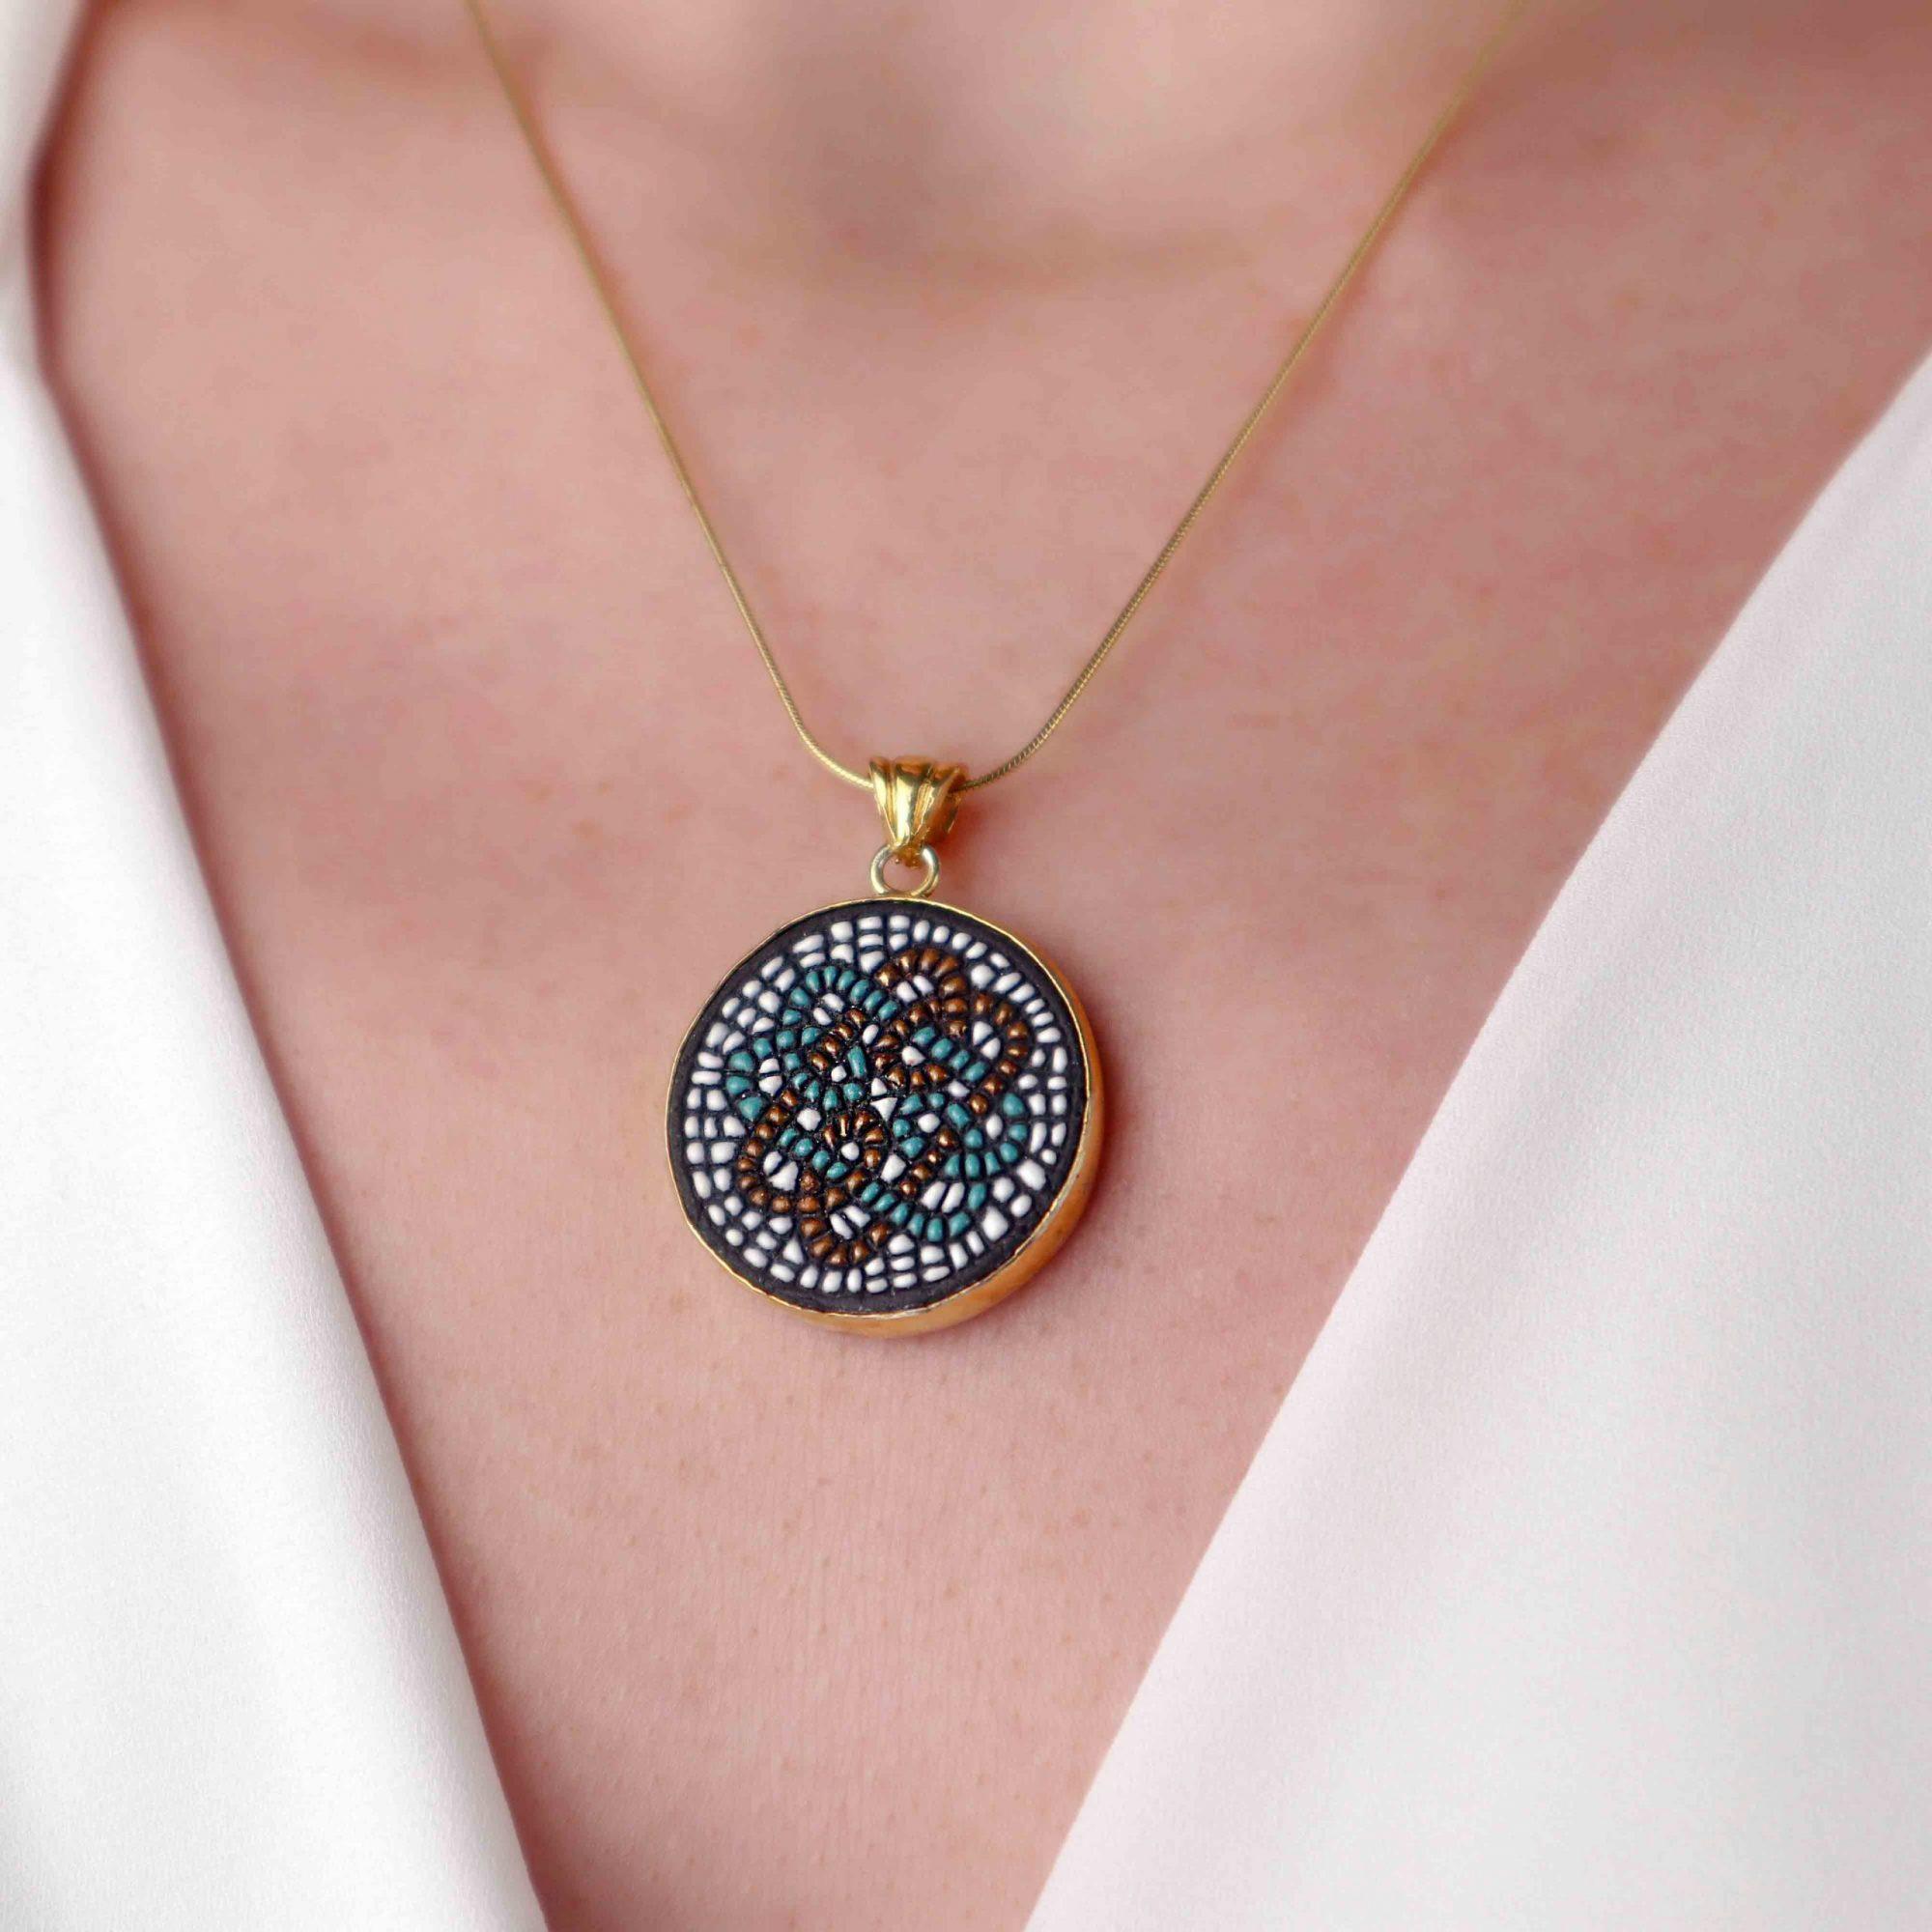 Gold - 925 Ayar Gümüş Seramik Taşlı Altın Kaplama Berceste Kolye